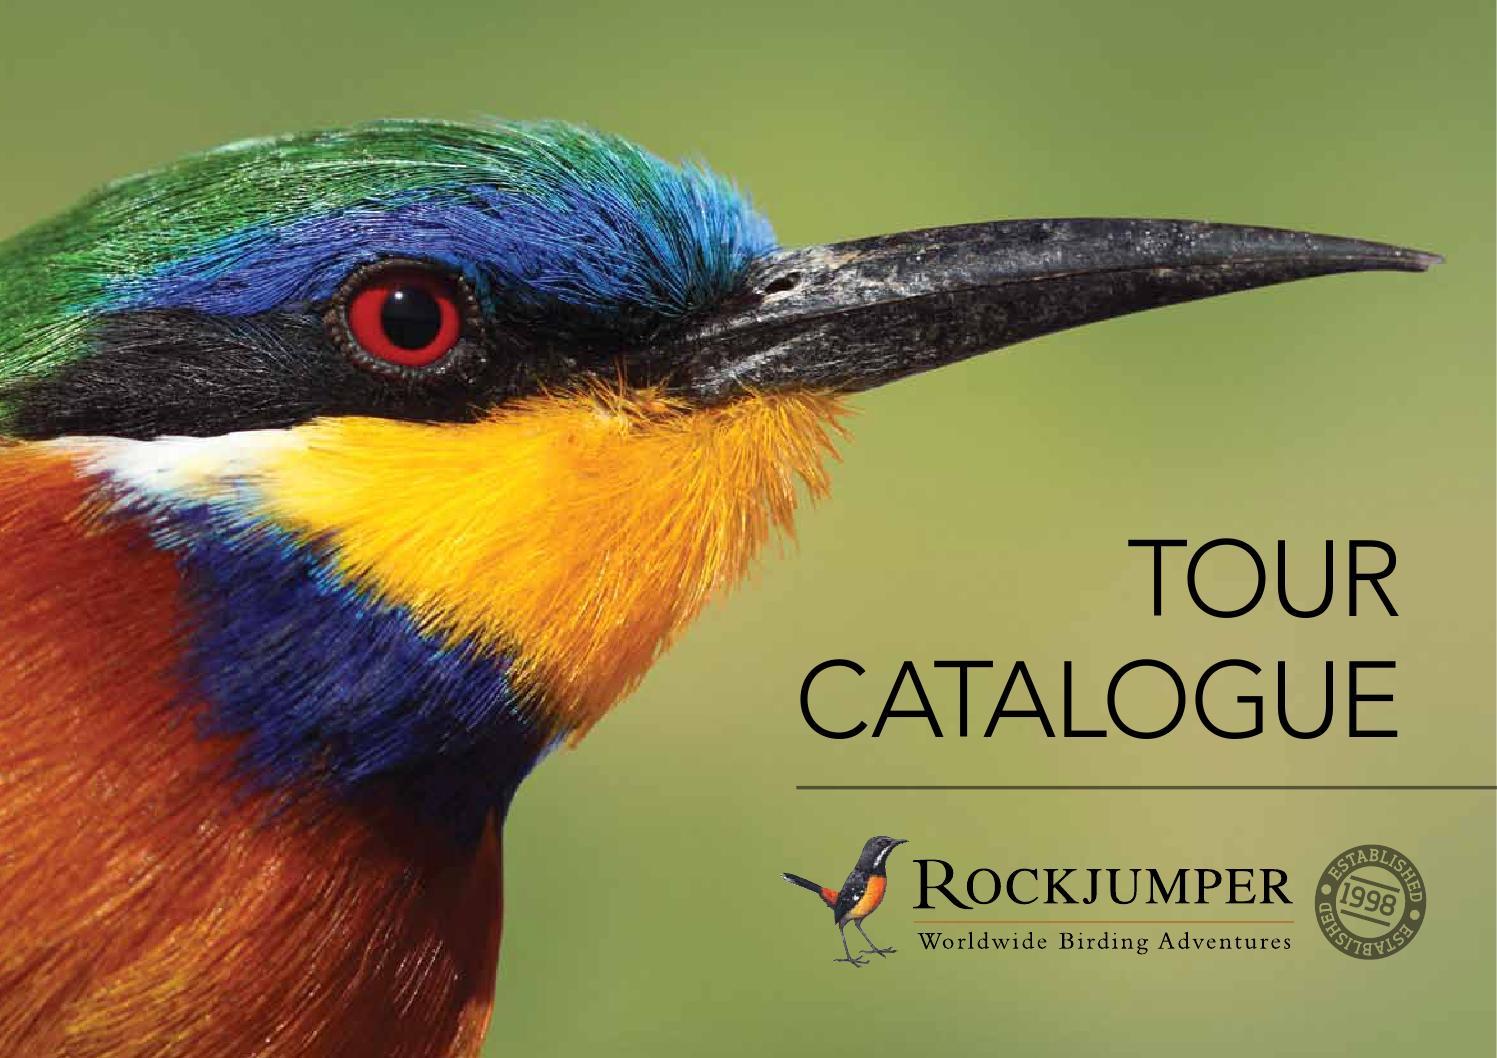 Rockjumper Birding Tours Tour Catalogue By